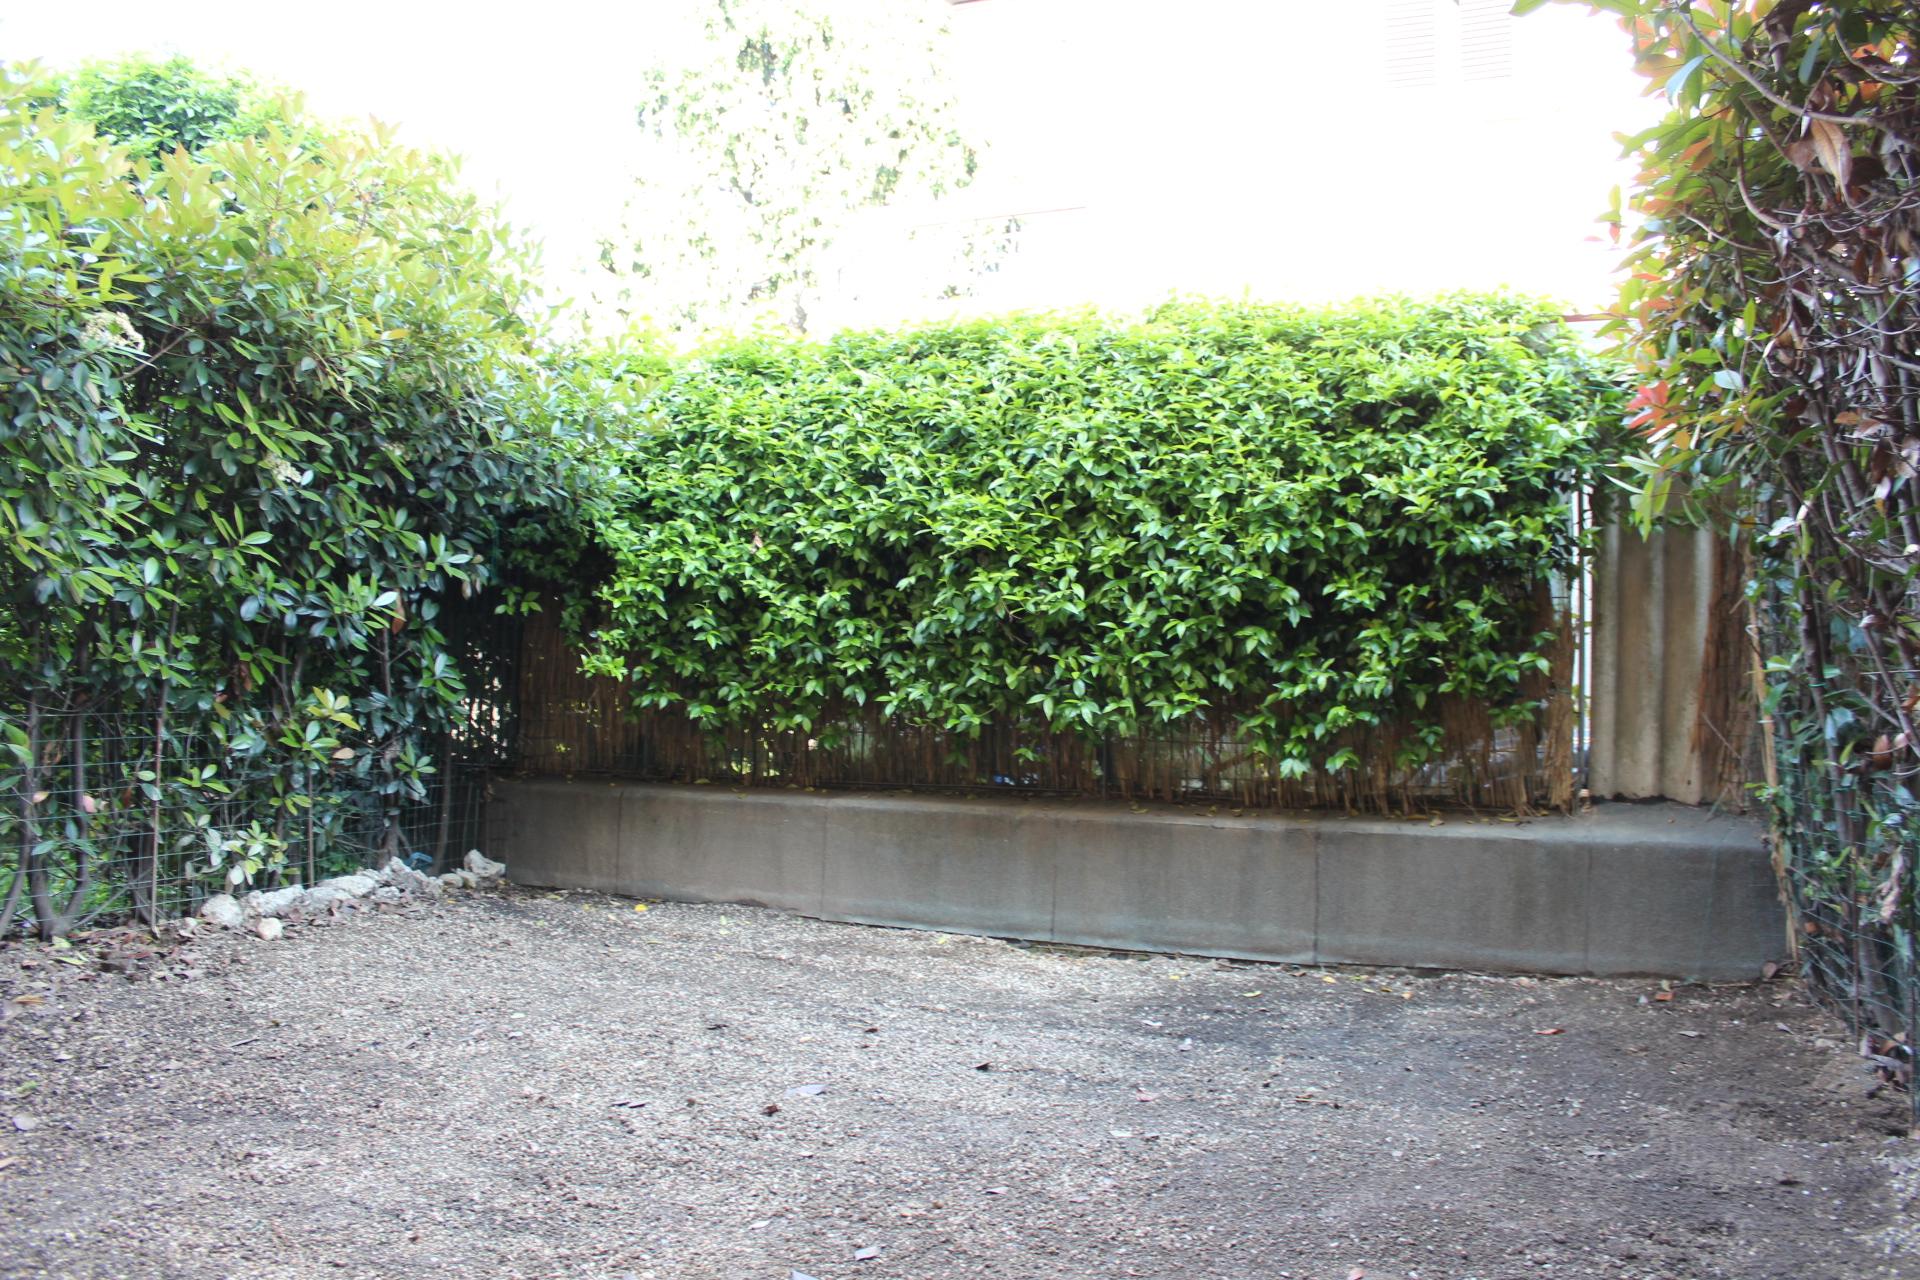 Affitto casa con giardino bergamo a immobiliare agenzia immobiliare nembro - Case in affitto vigevano con giardino ...